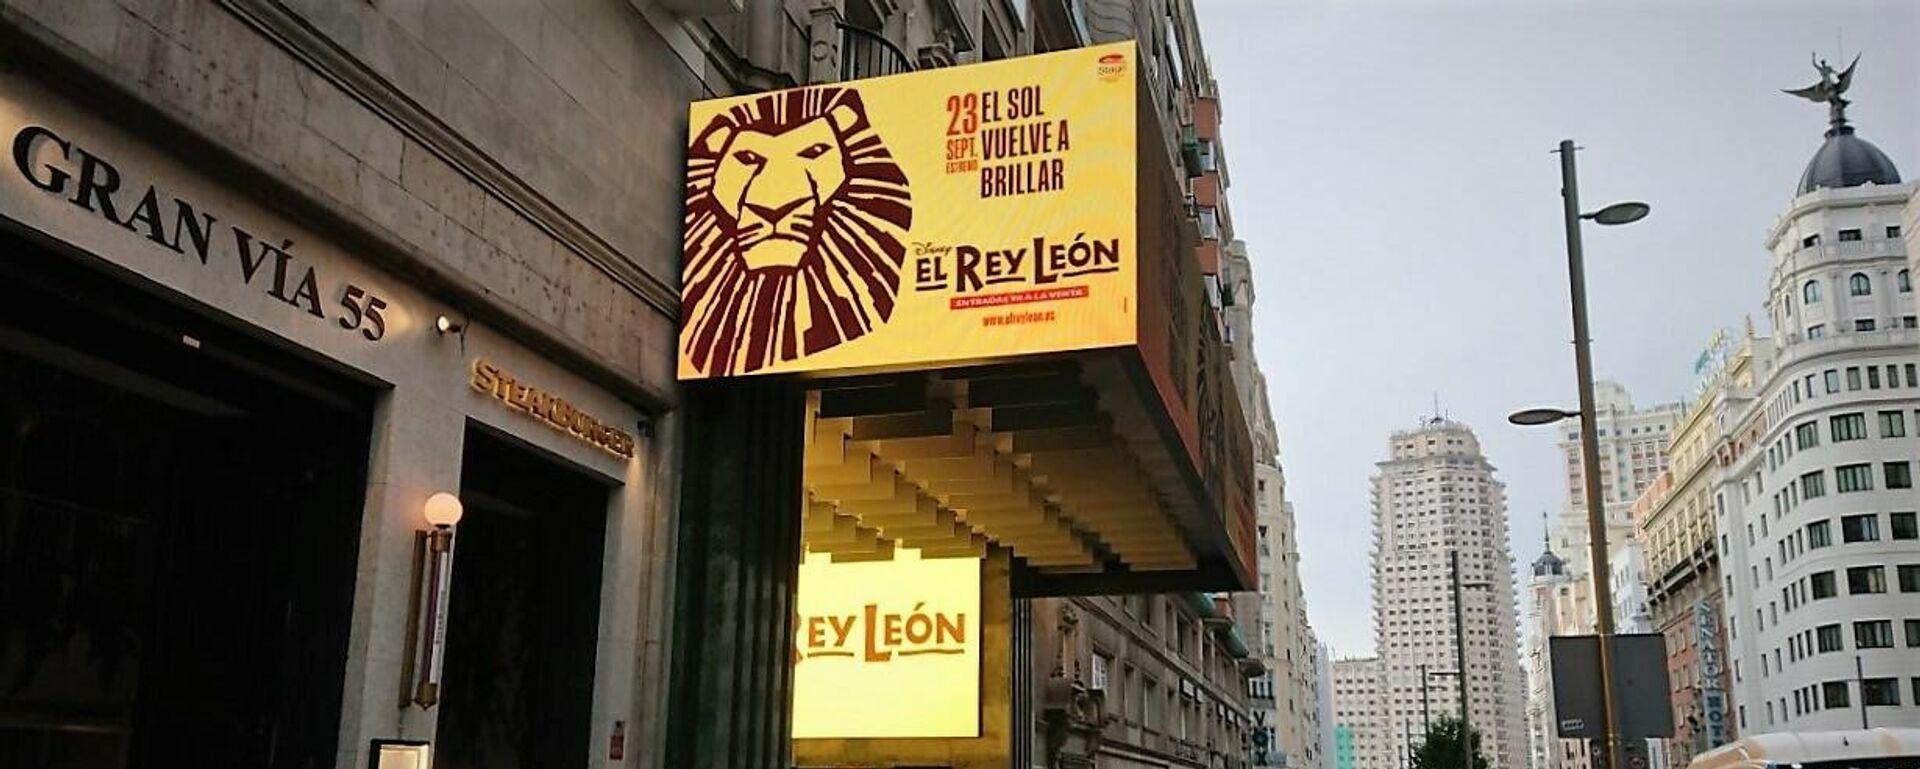 Cartel del musical 'El Rey León' en la Gran Vía de Madrid - Sputnik Mundo, 1920, 14.09.2021